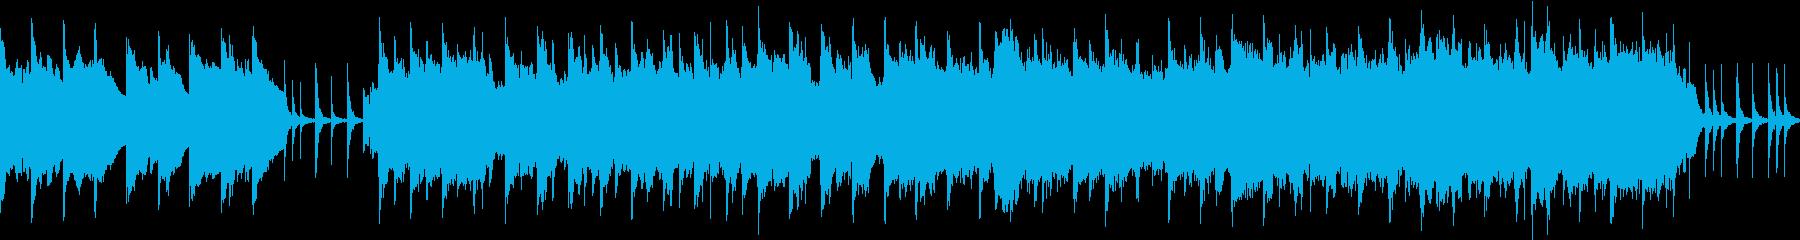 民謡風ポップ①琉球風・癒やし【ループ】の再生済みの波形